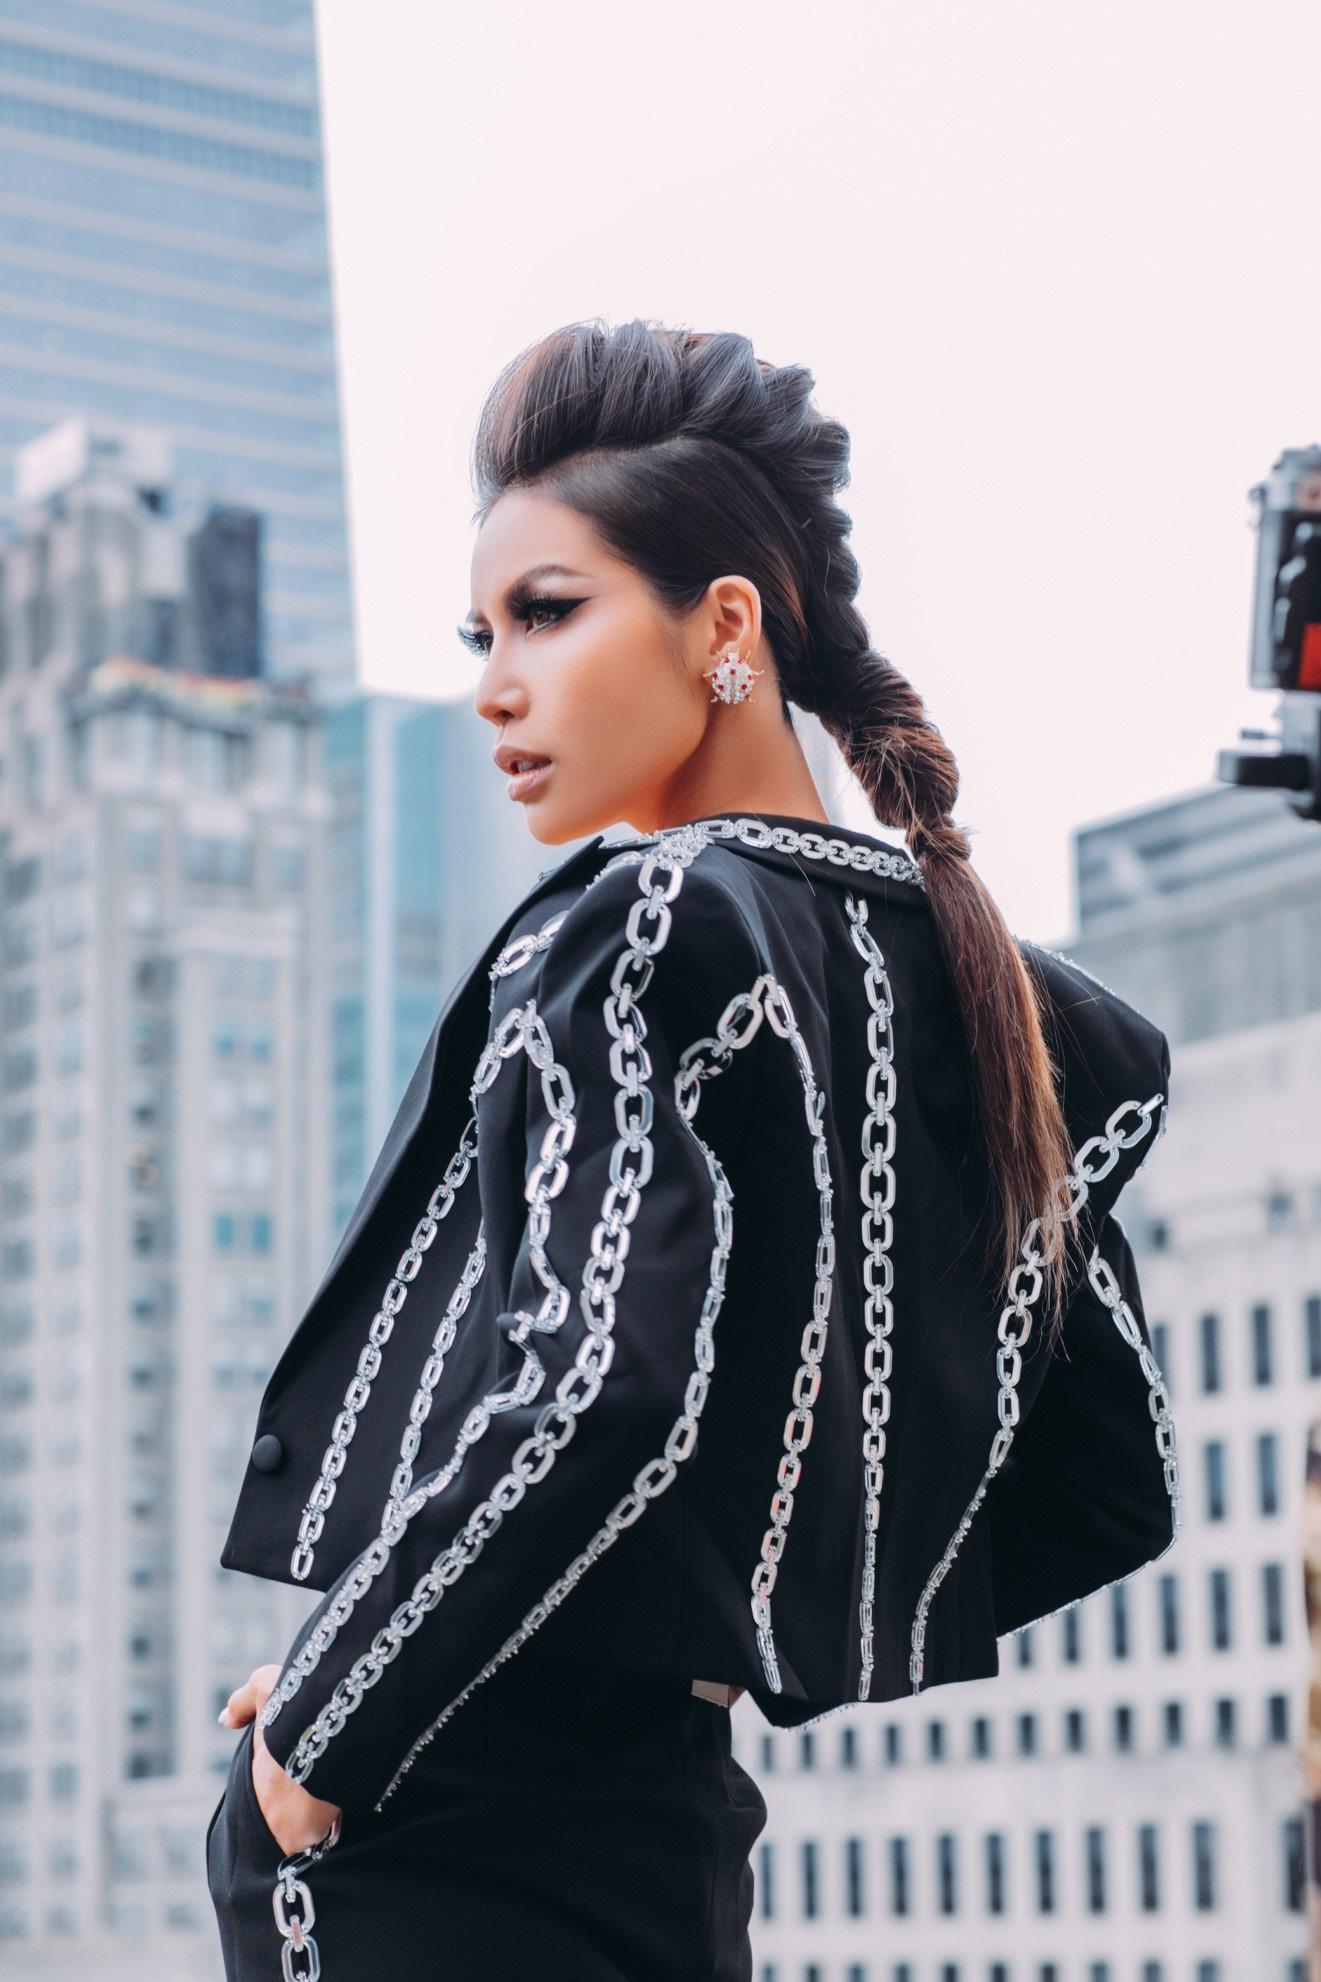 Mãn nhãn với loạt hairstyle đẳng cấp của Minh Tú trong lần tham dự New York Fashion Week Spring/Summer 2020 - Ảnh 8.